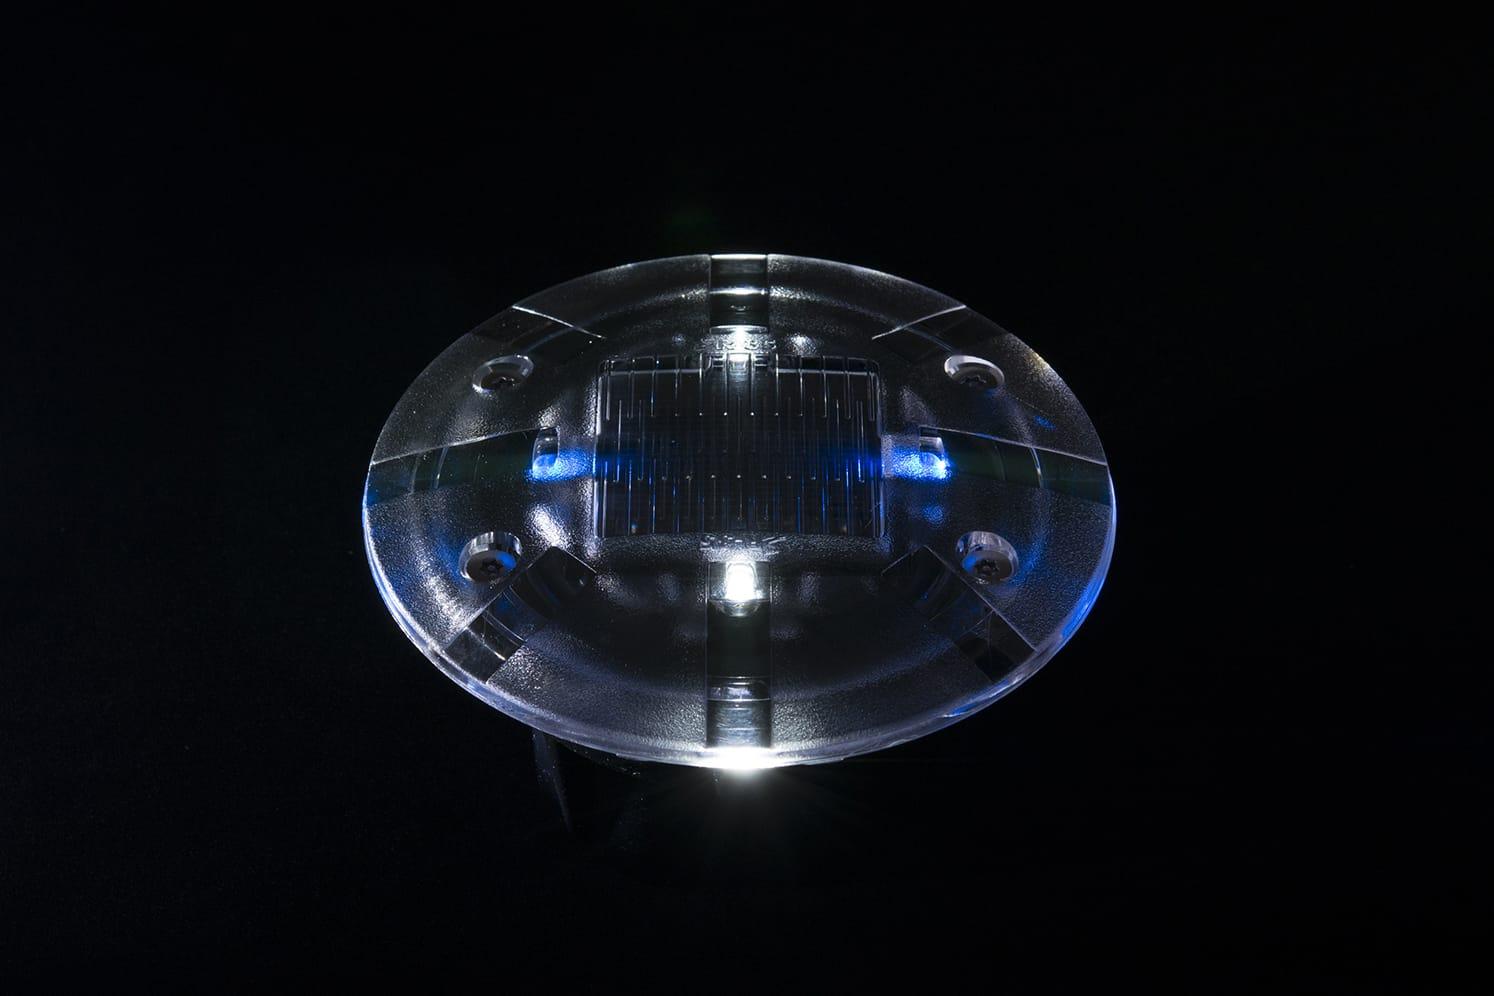 Plot LED solaire pietons velos ECO-35 blanc/bleu